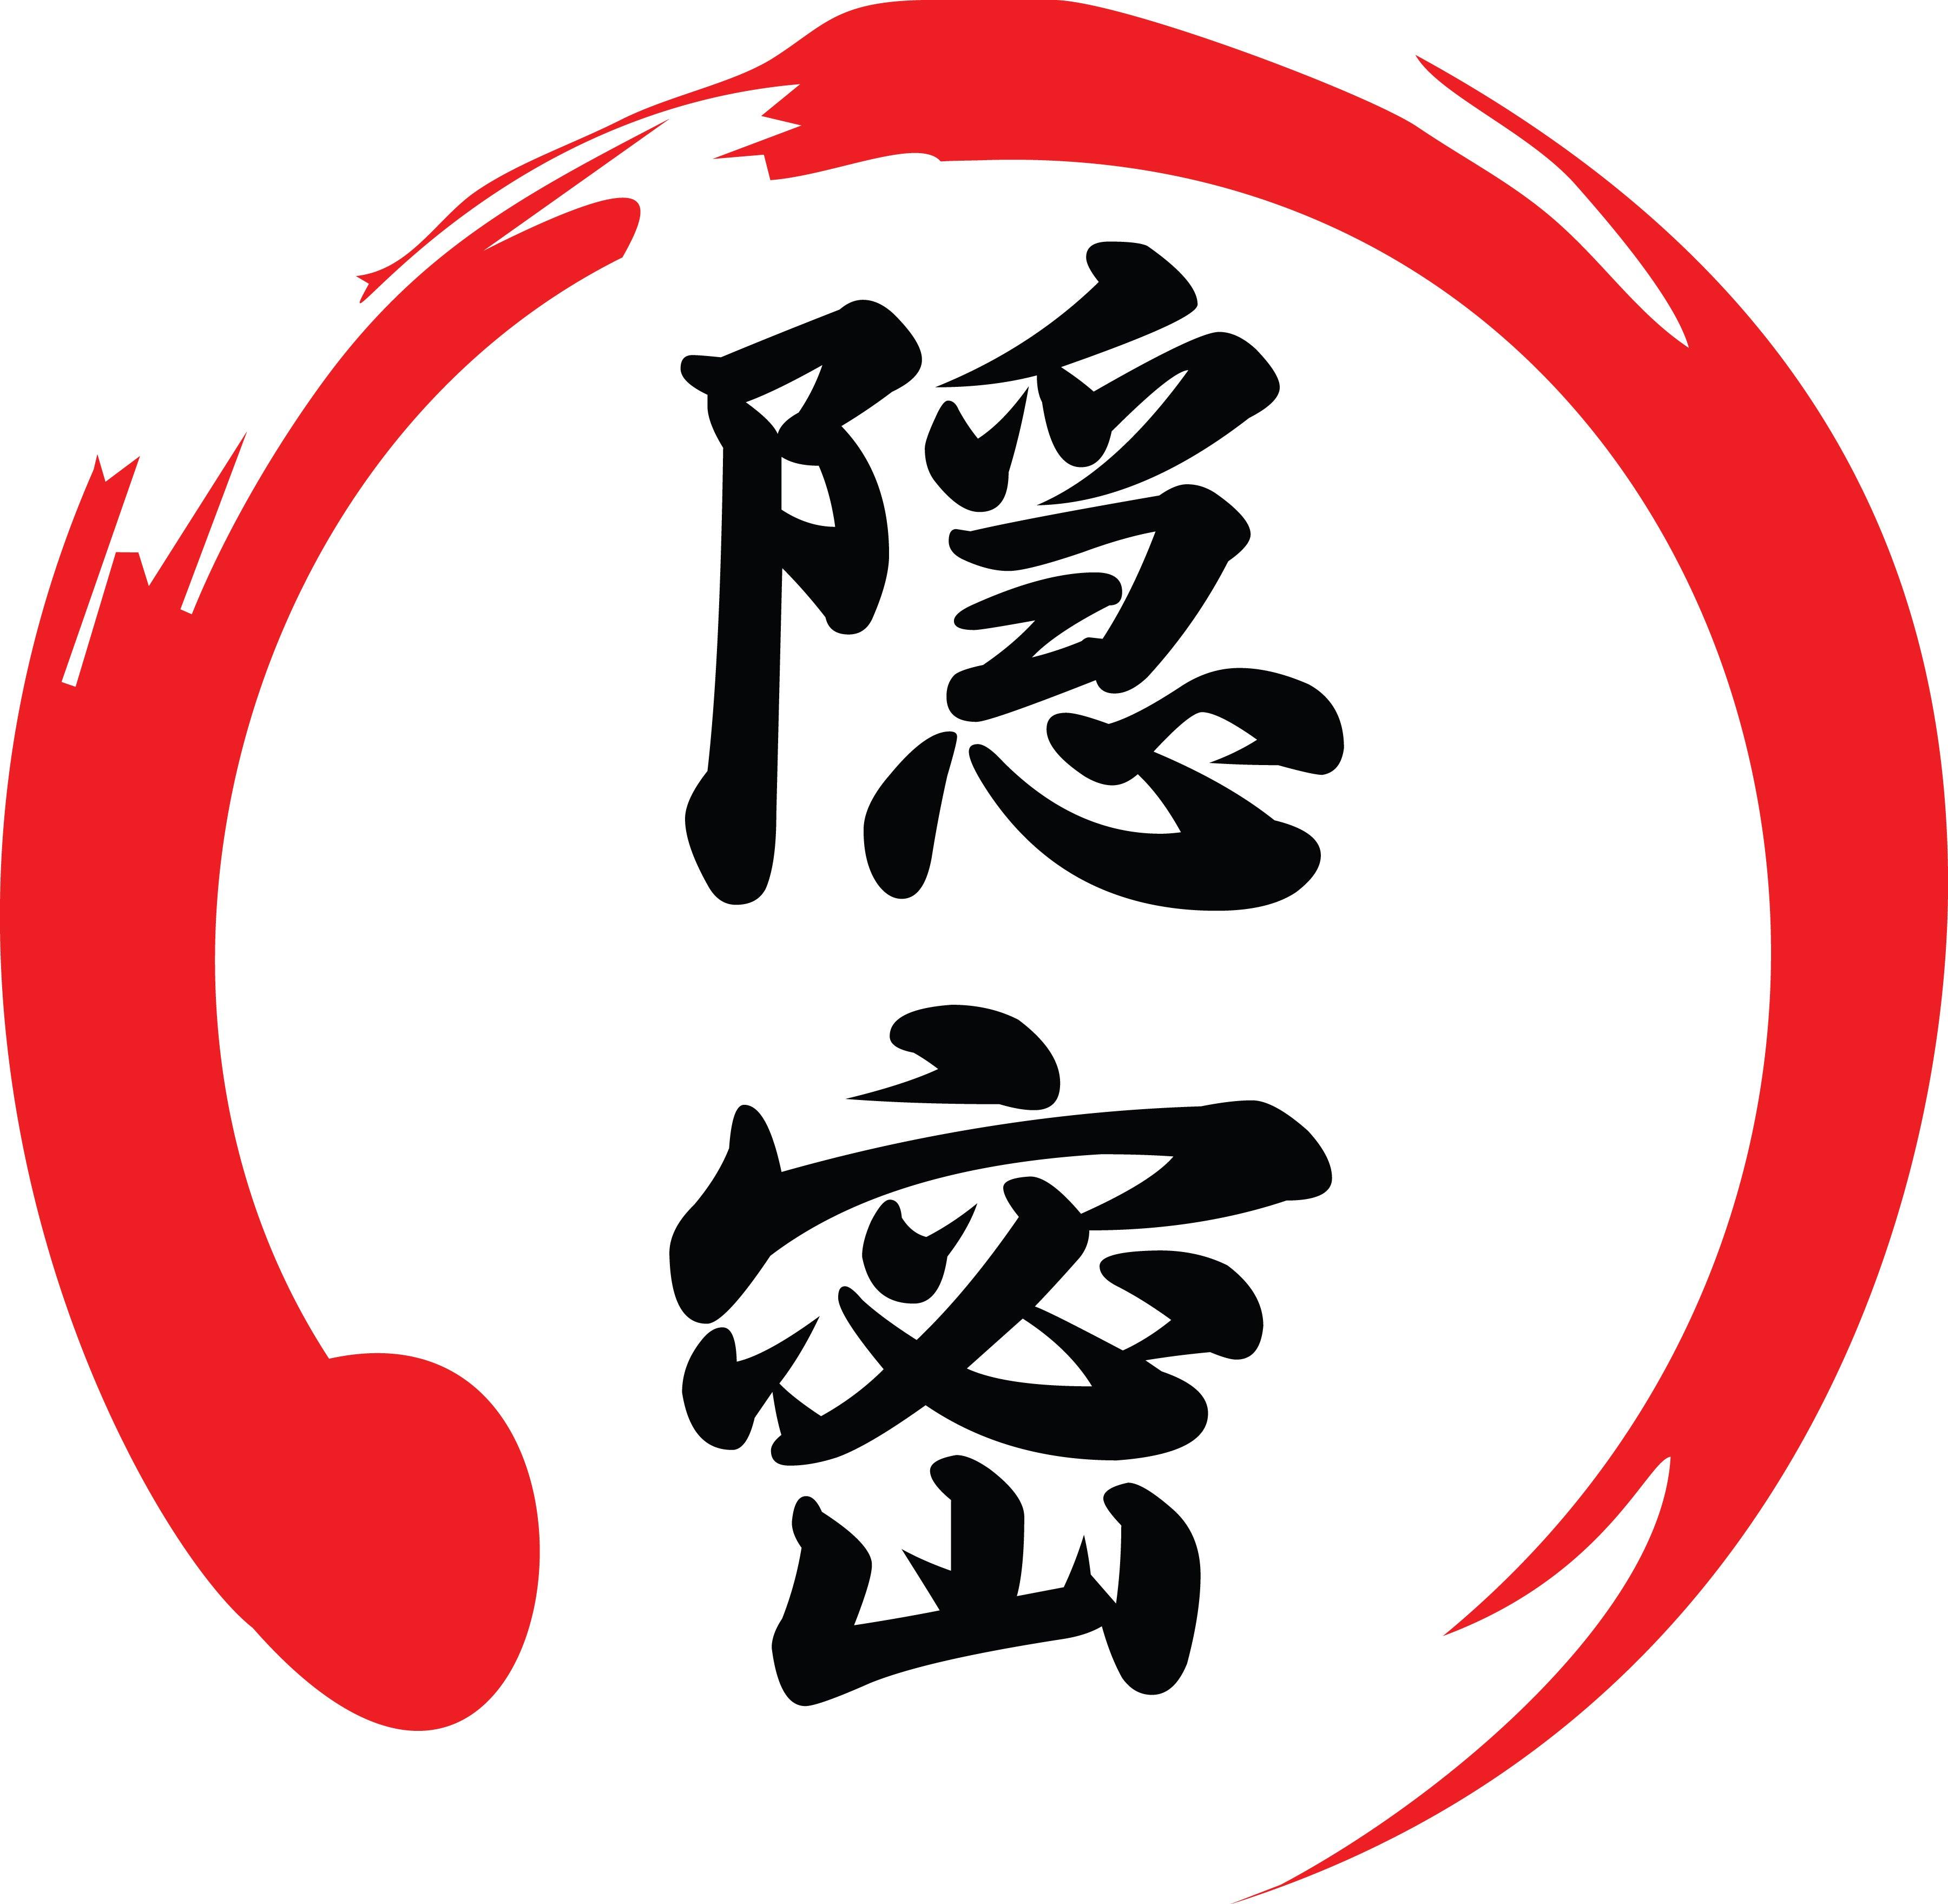 Onmitsu kage logo rasterr rb 04